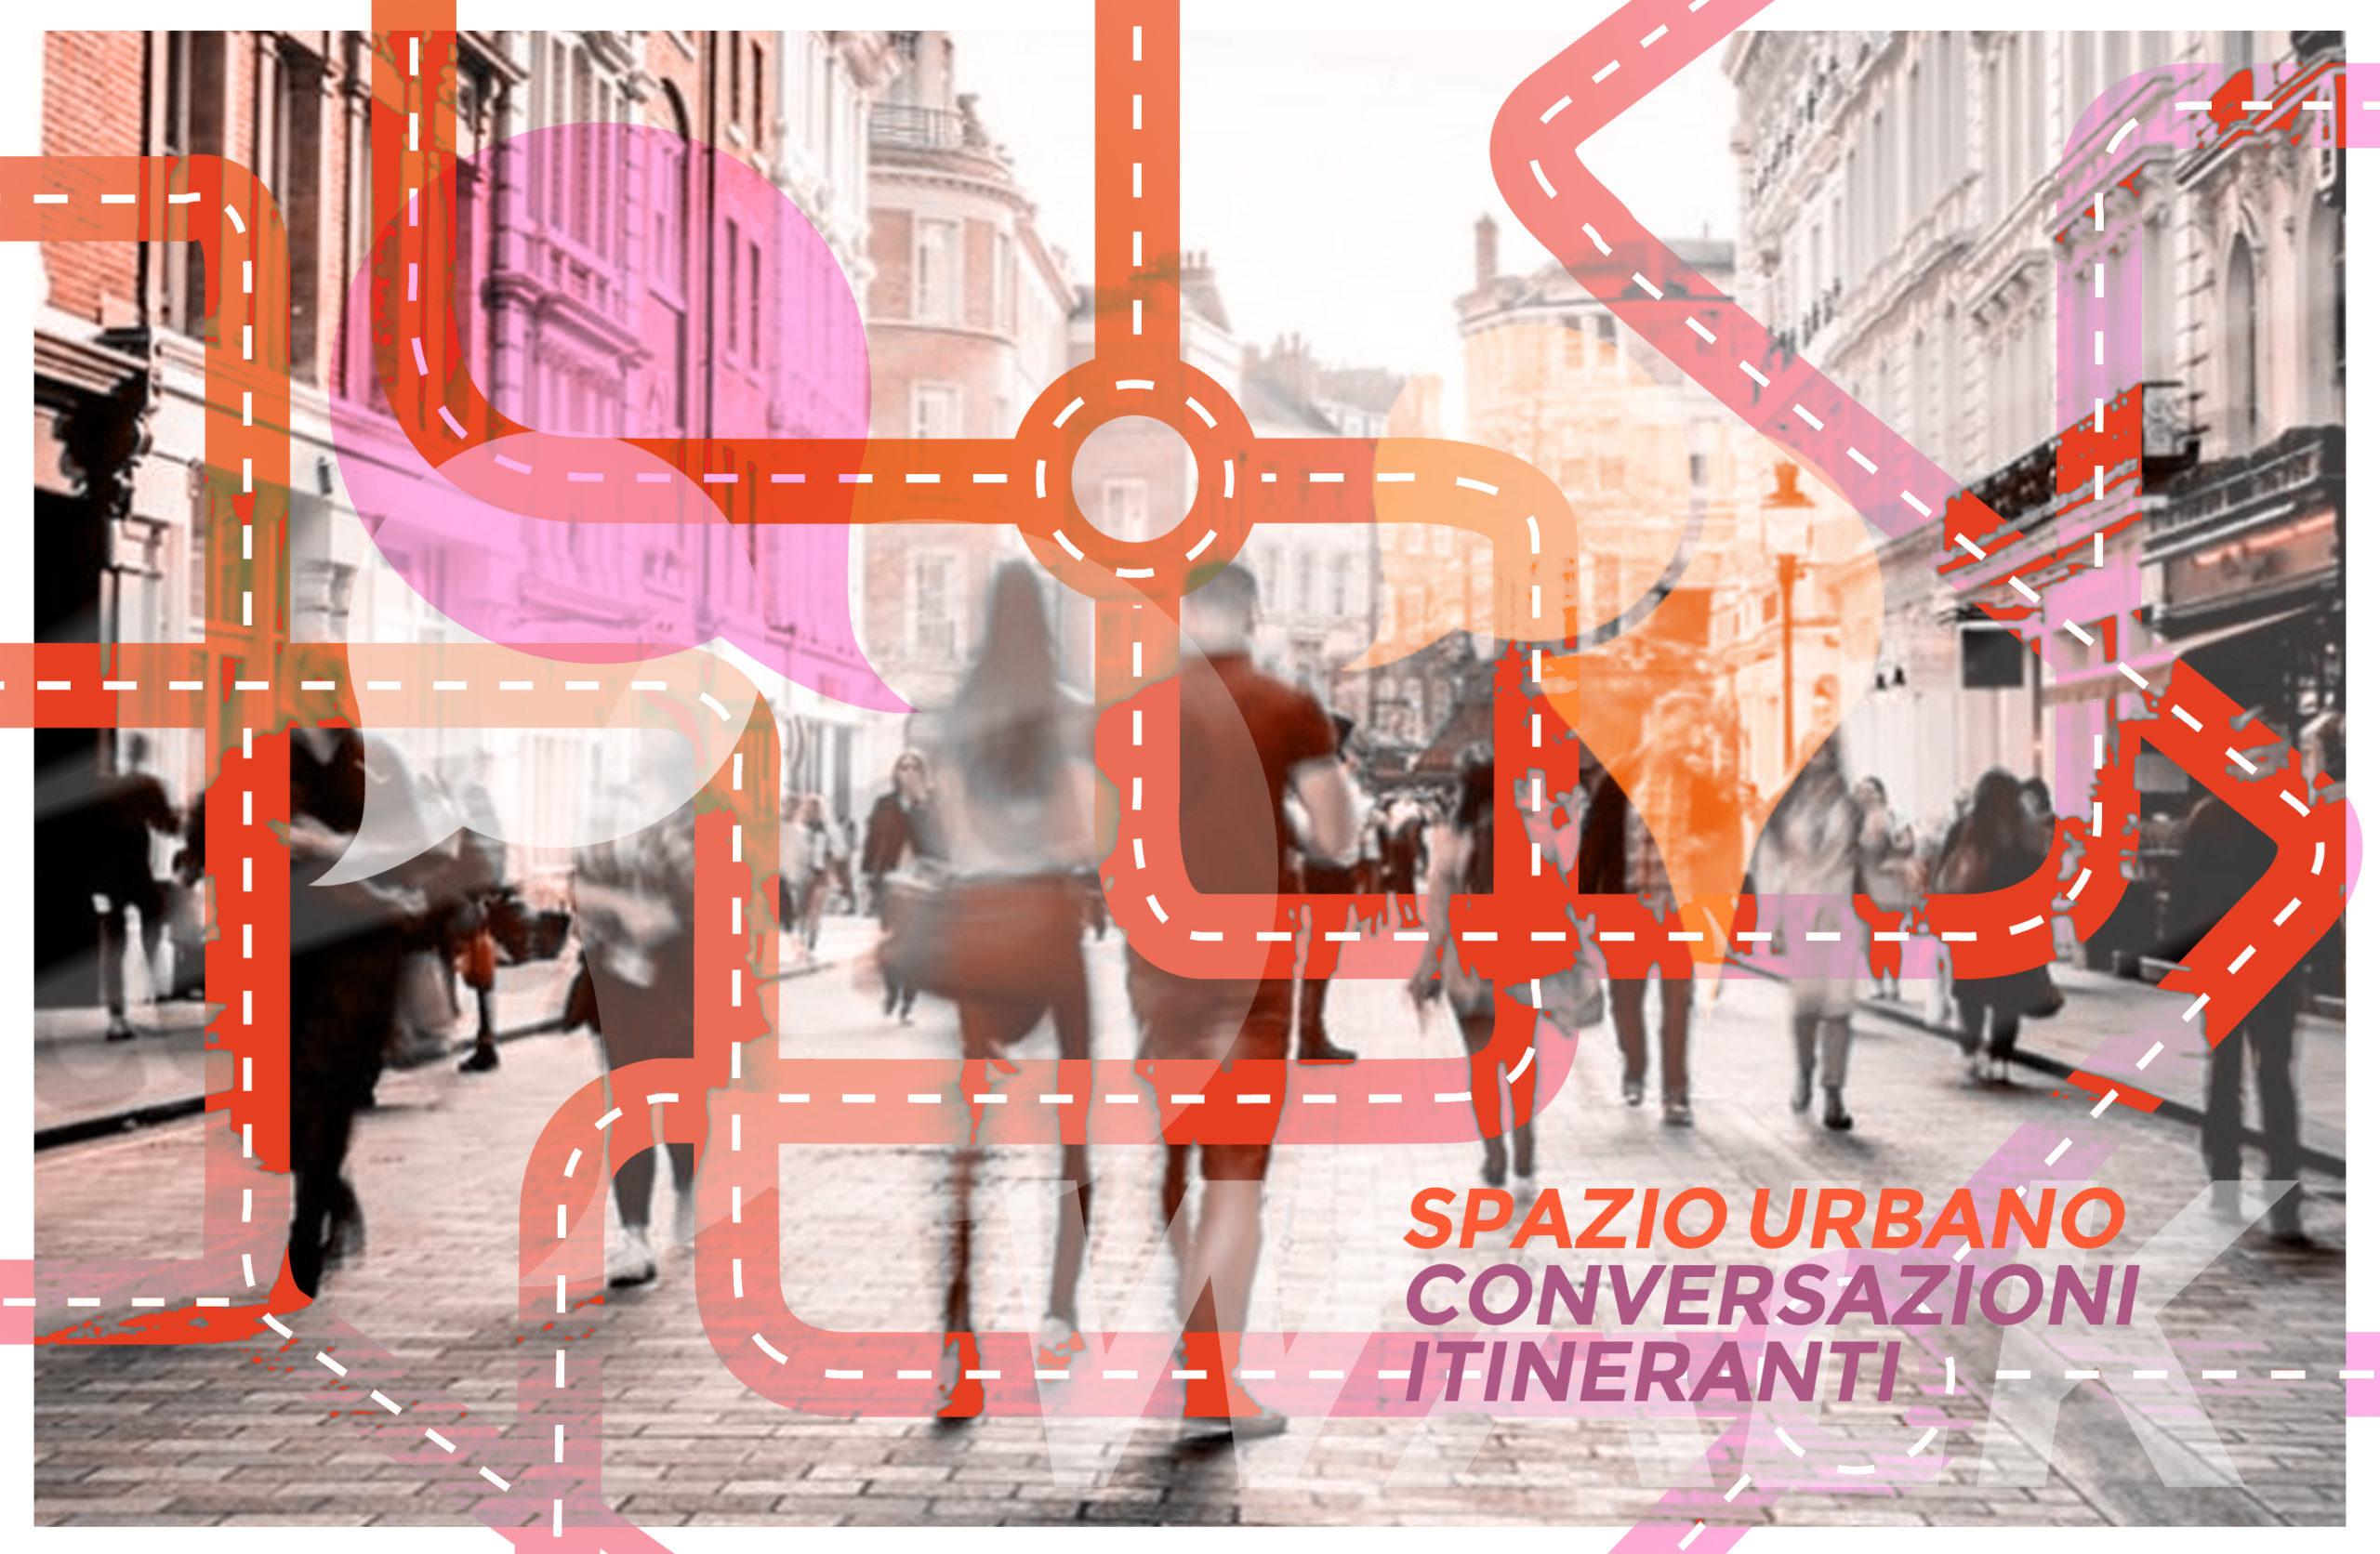 Spazio Urbano